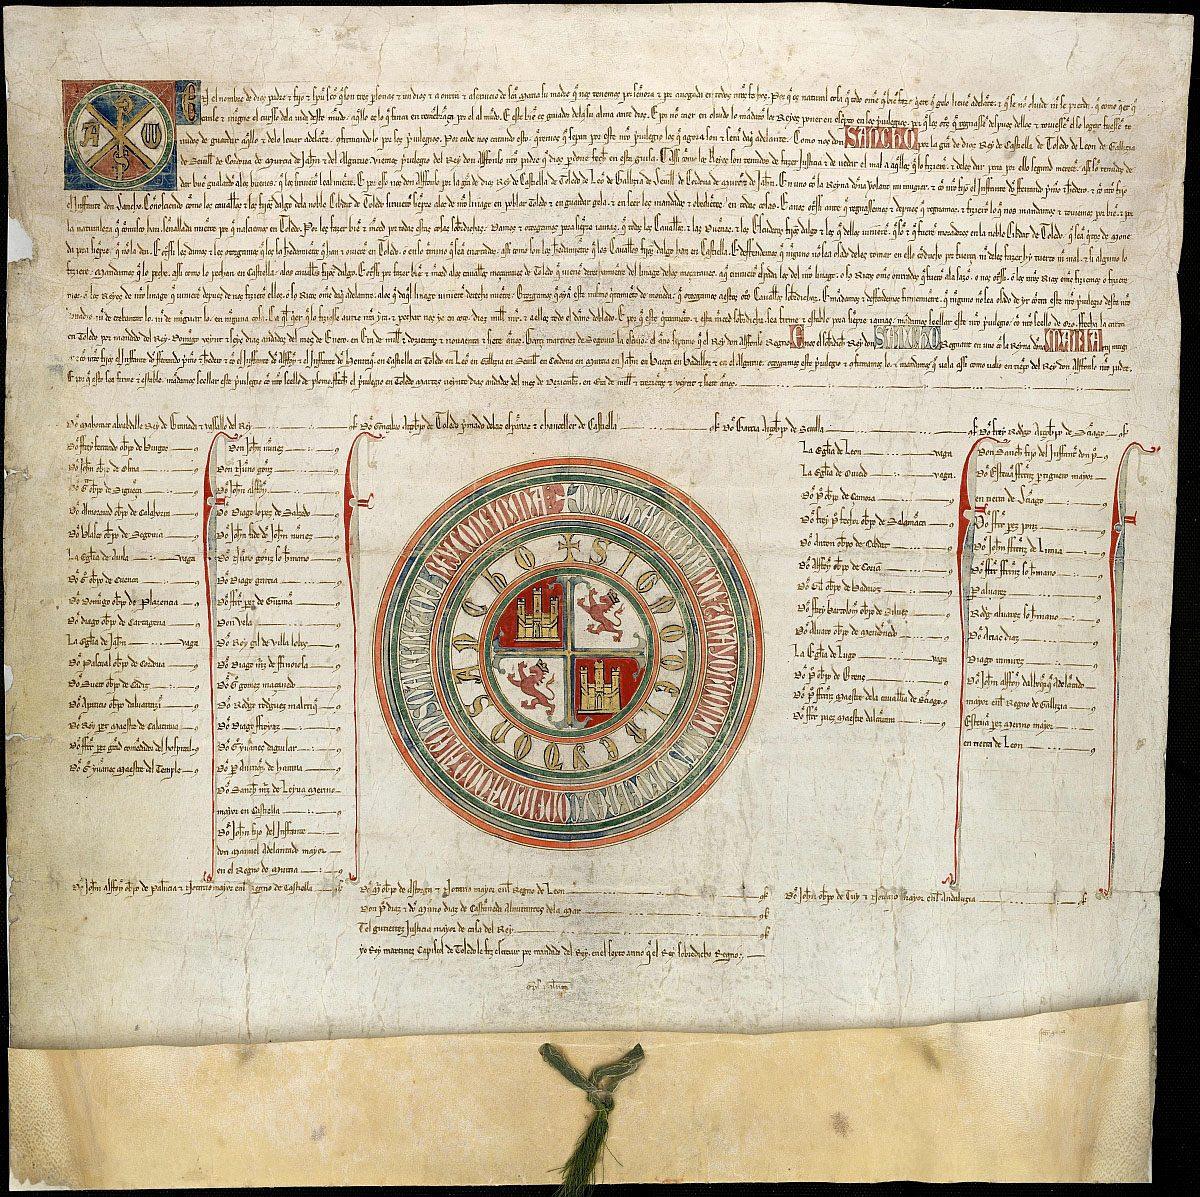 http://www.toledo.es/wp-content/uploads/2018/11/lamnario-1200x1197.jpg. Laminario de documentos de Toledo, nuevo recurso del Archivo Municipal para estudiosos de la paleografía